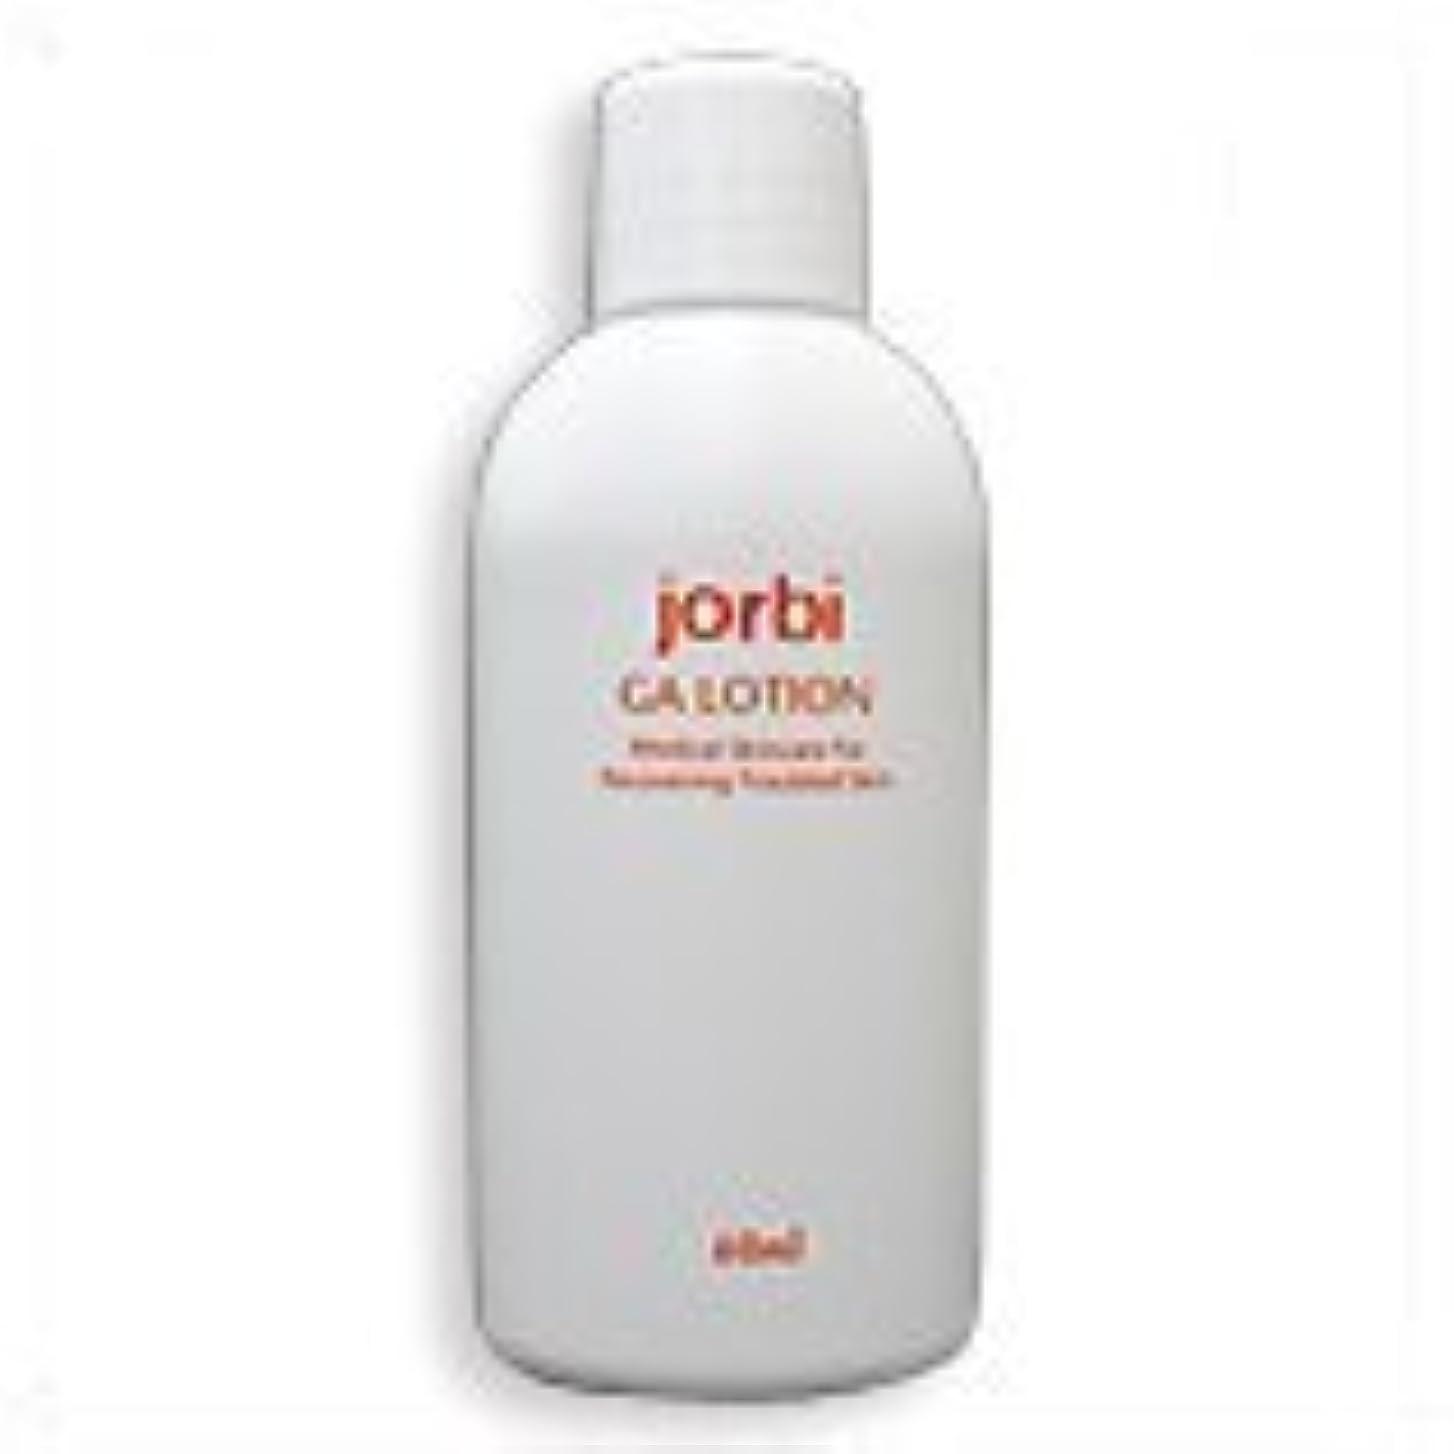 検出可能まどろみのある既婚ジョルビ GAローション(化粧水)